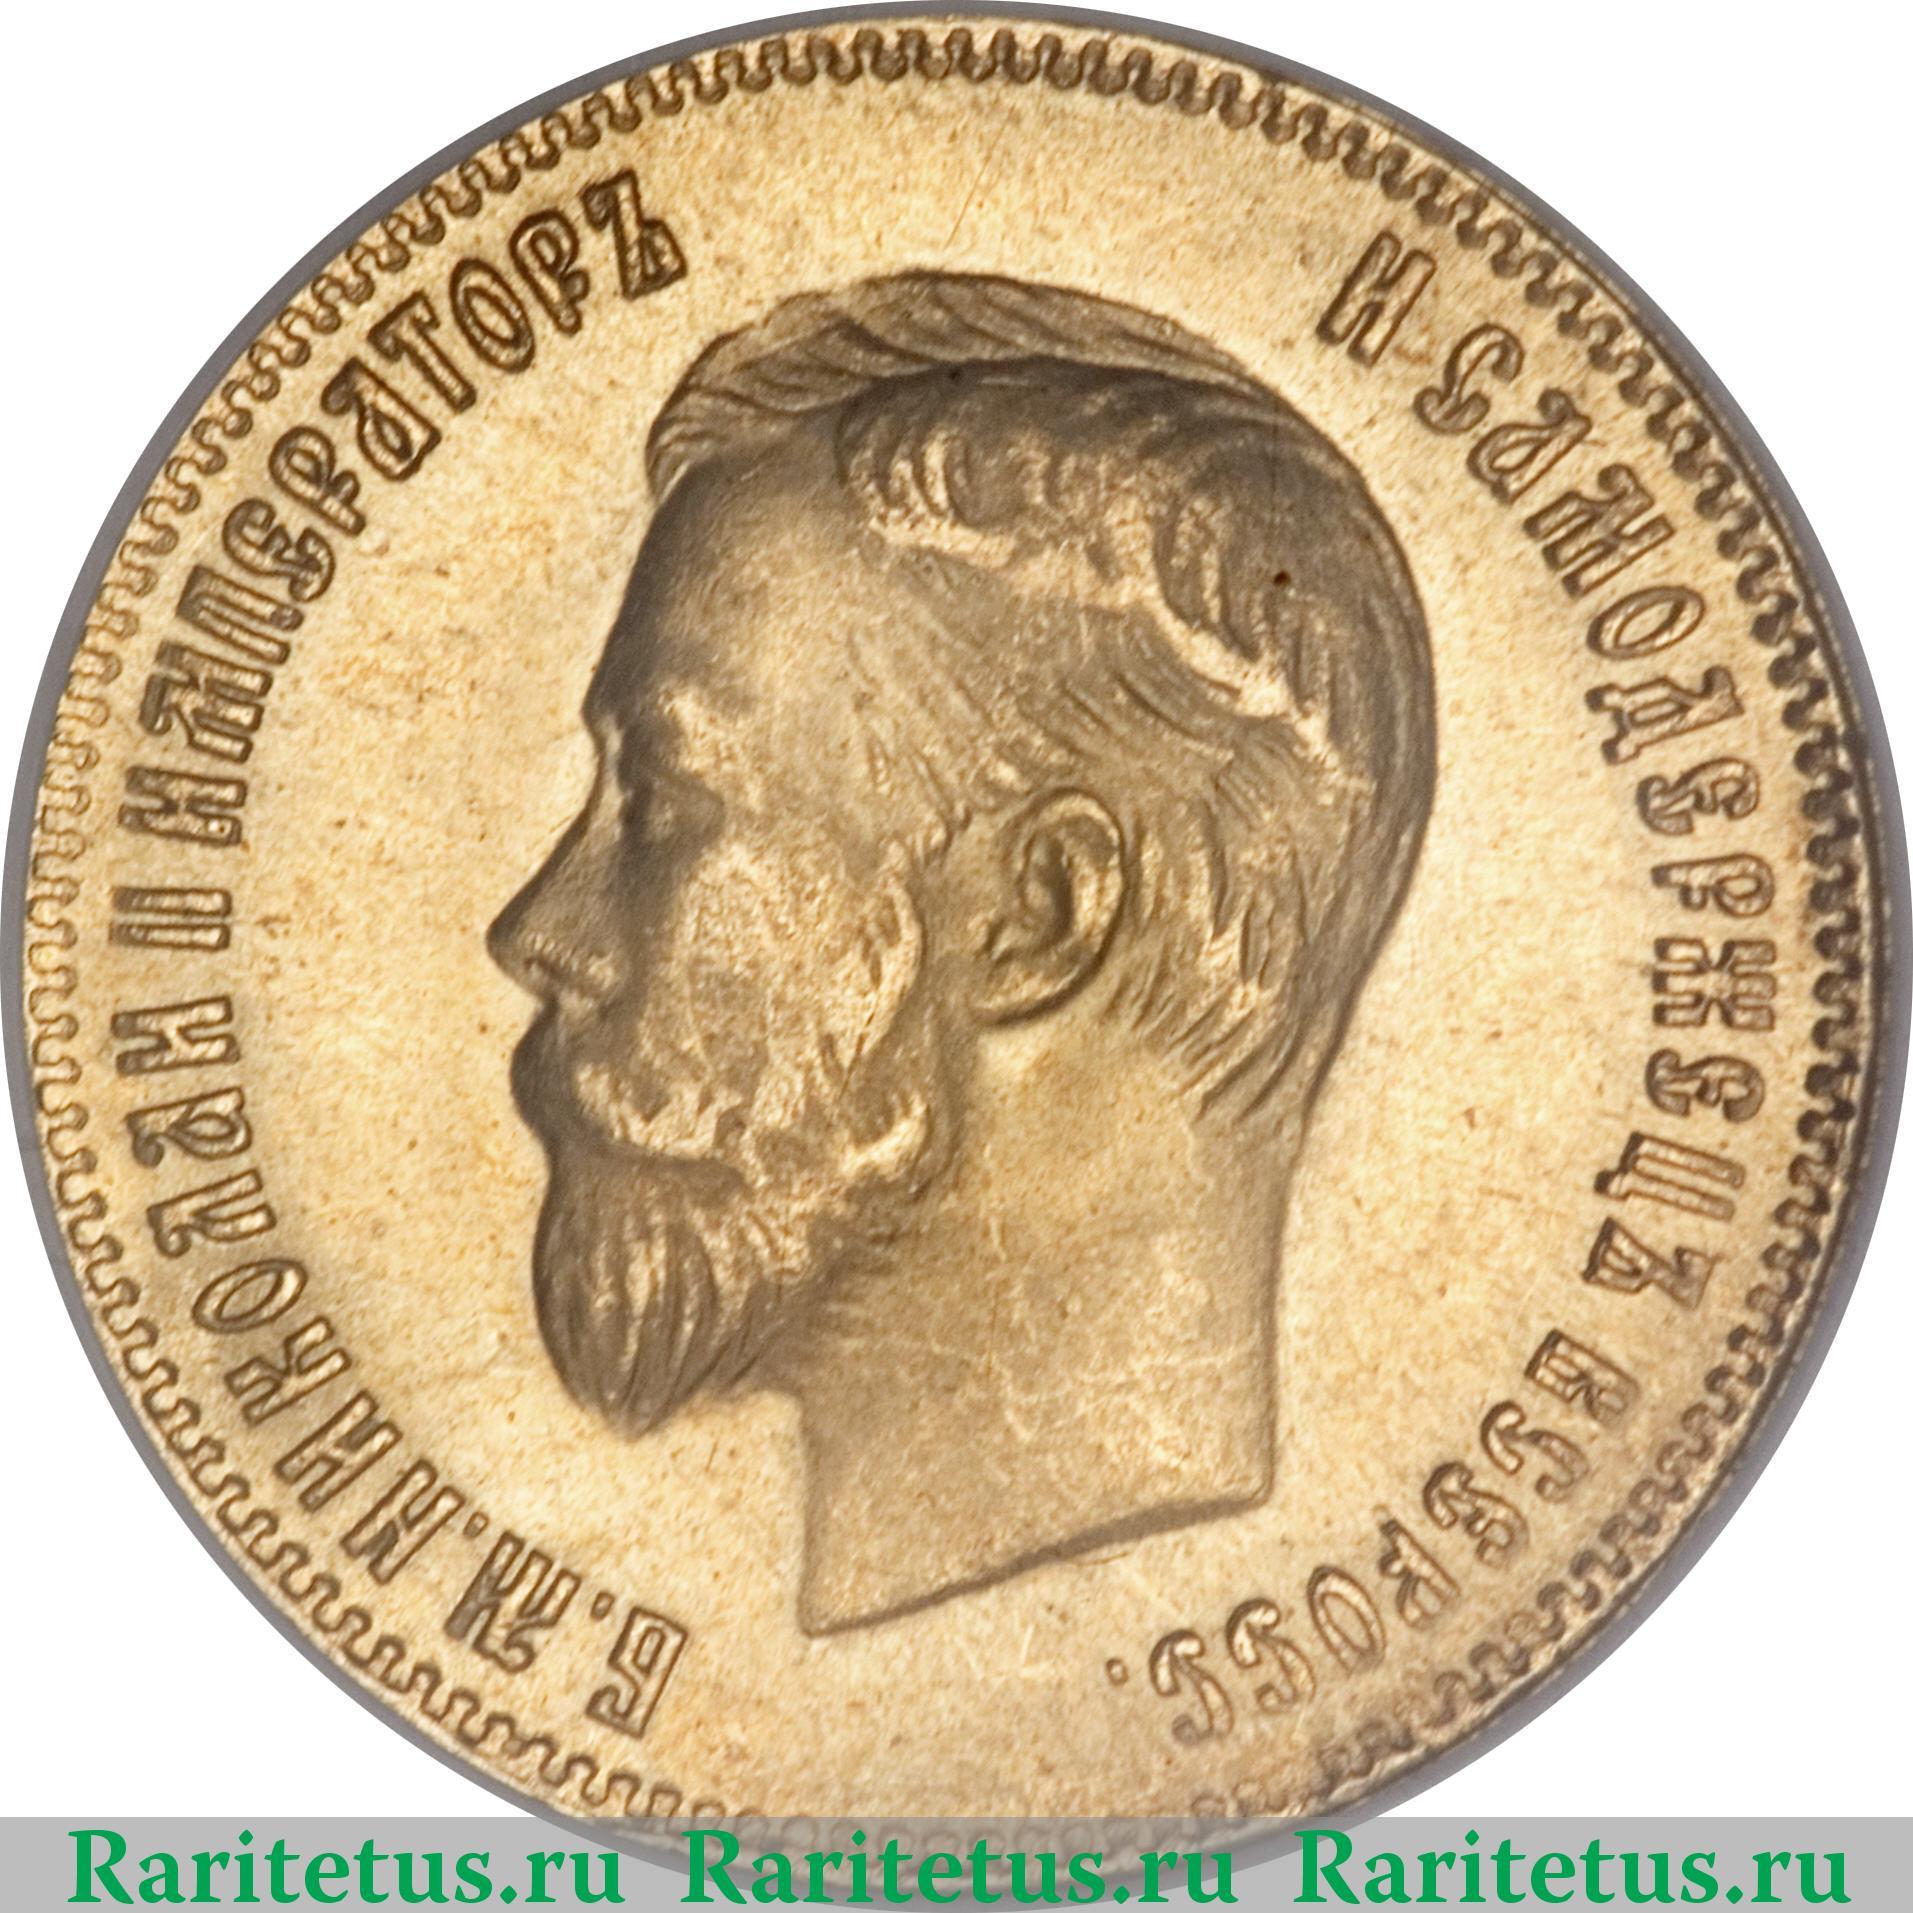 Стоимость 1 рубль 1906 года цена в ульяновске 10 zlotych 1988 цена монеты